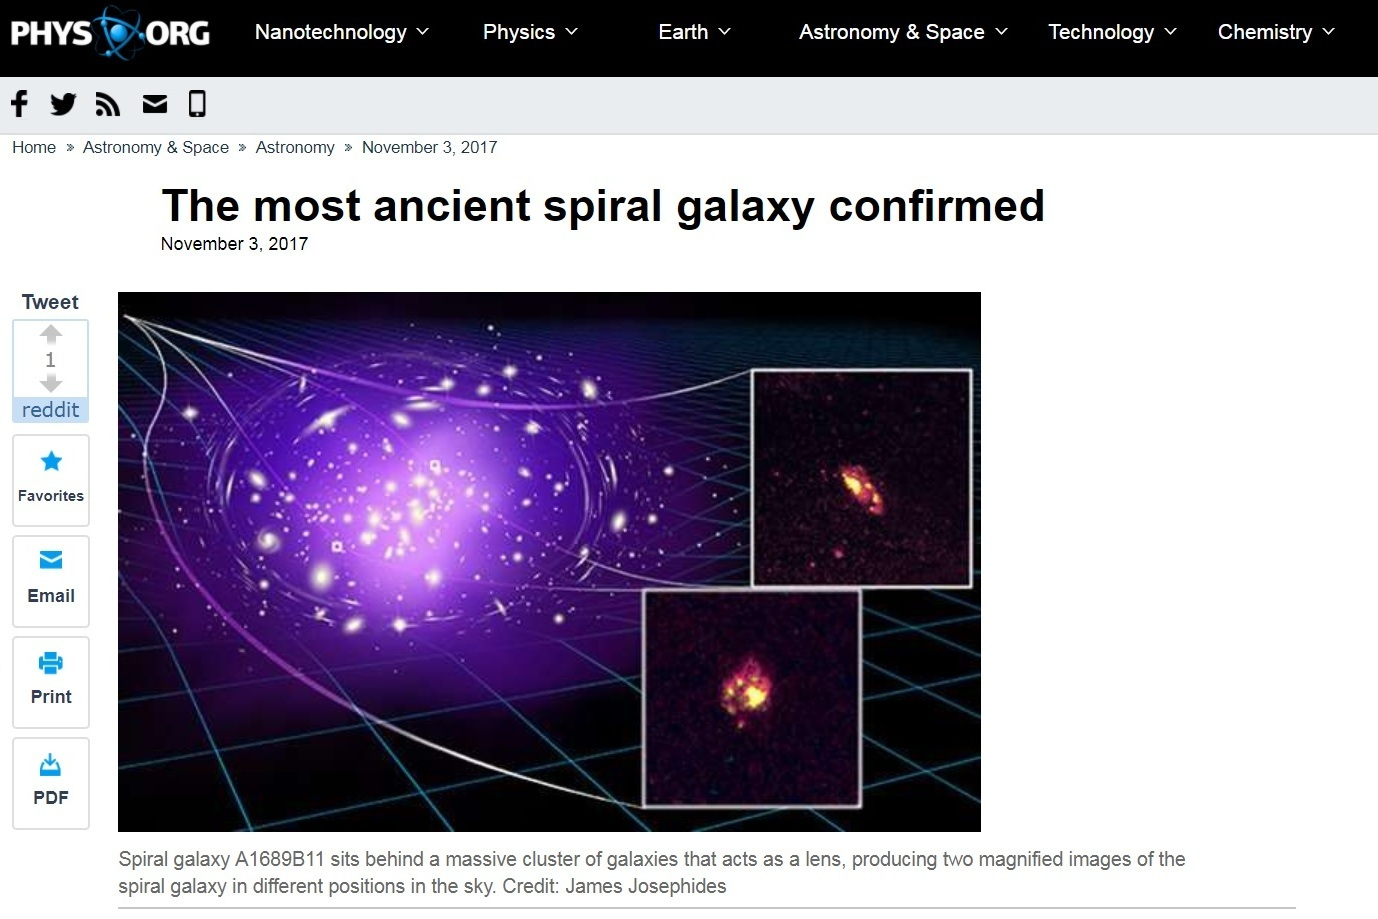 深太空再現極古老星系 更快產生新星體